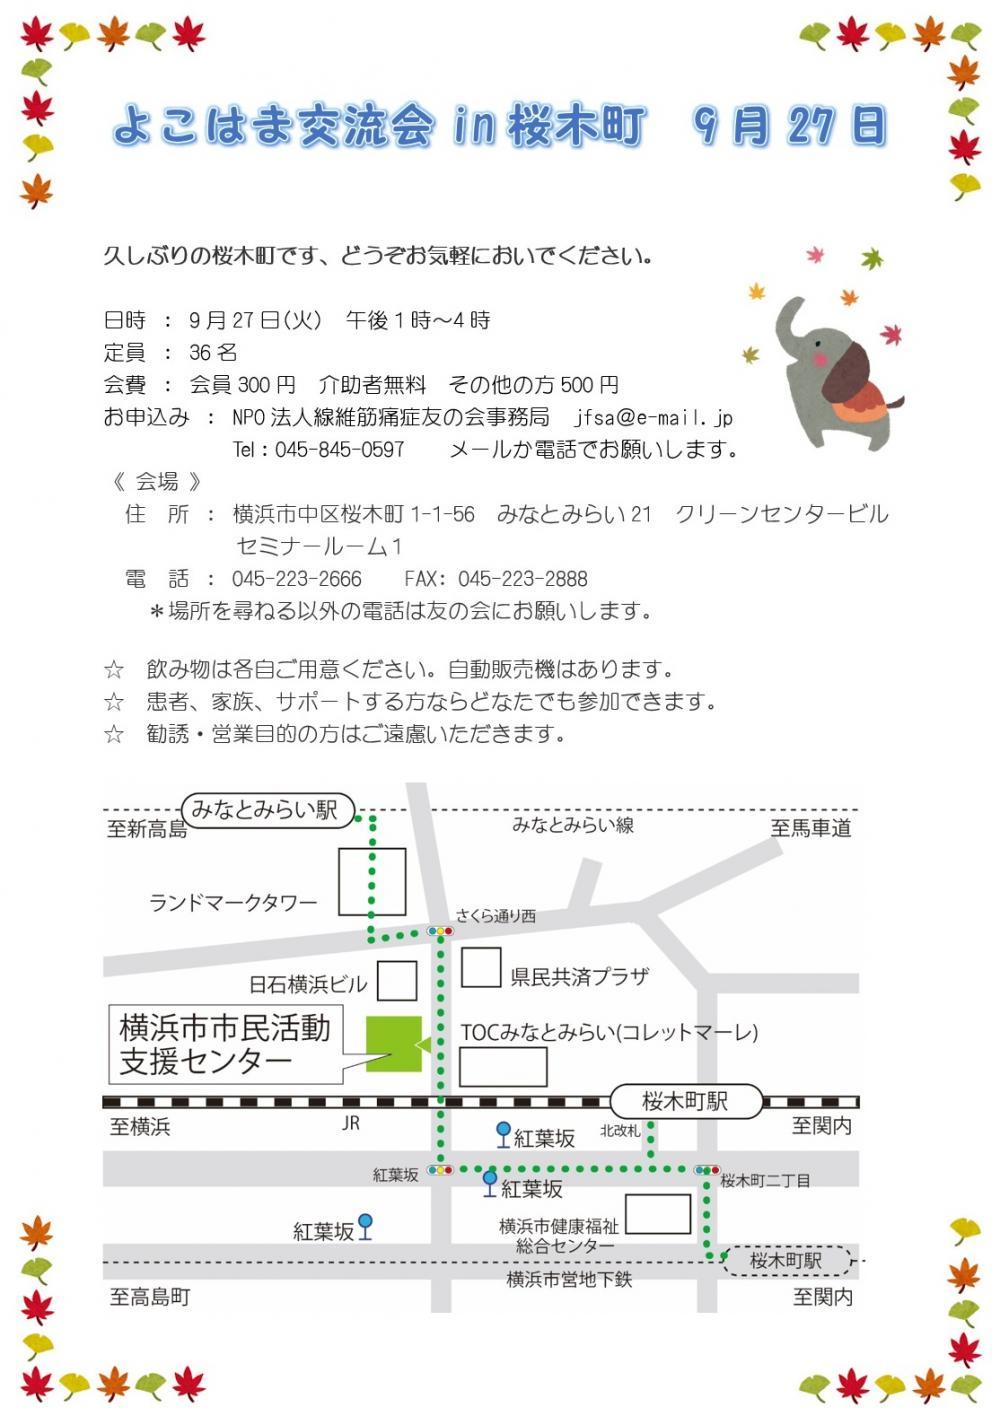 桜木町 交流会